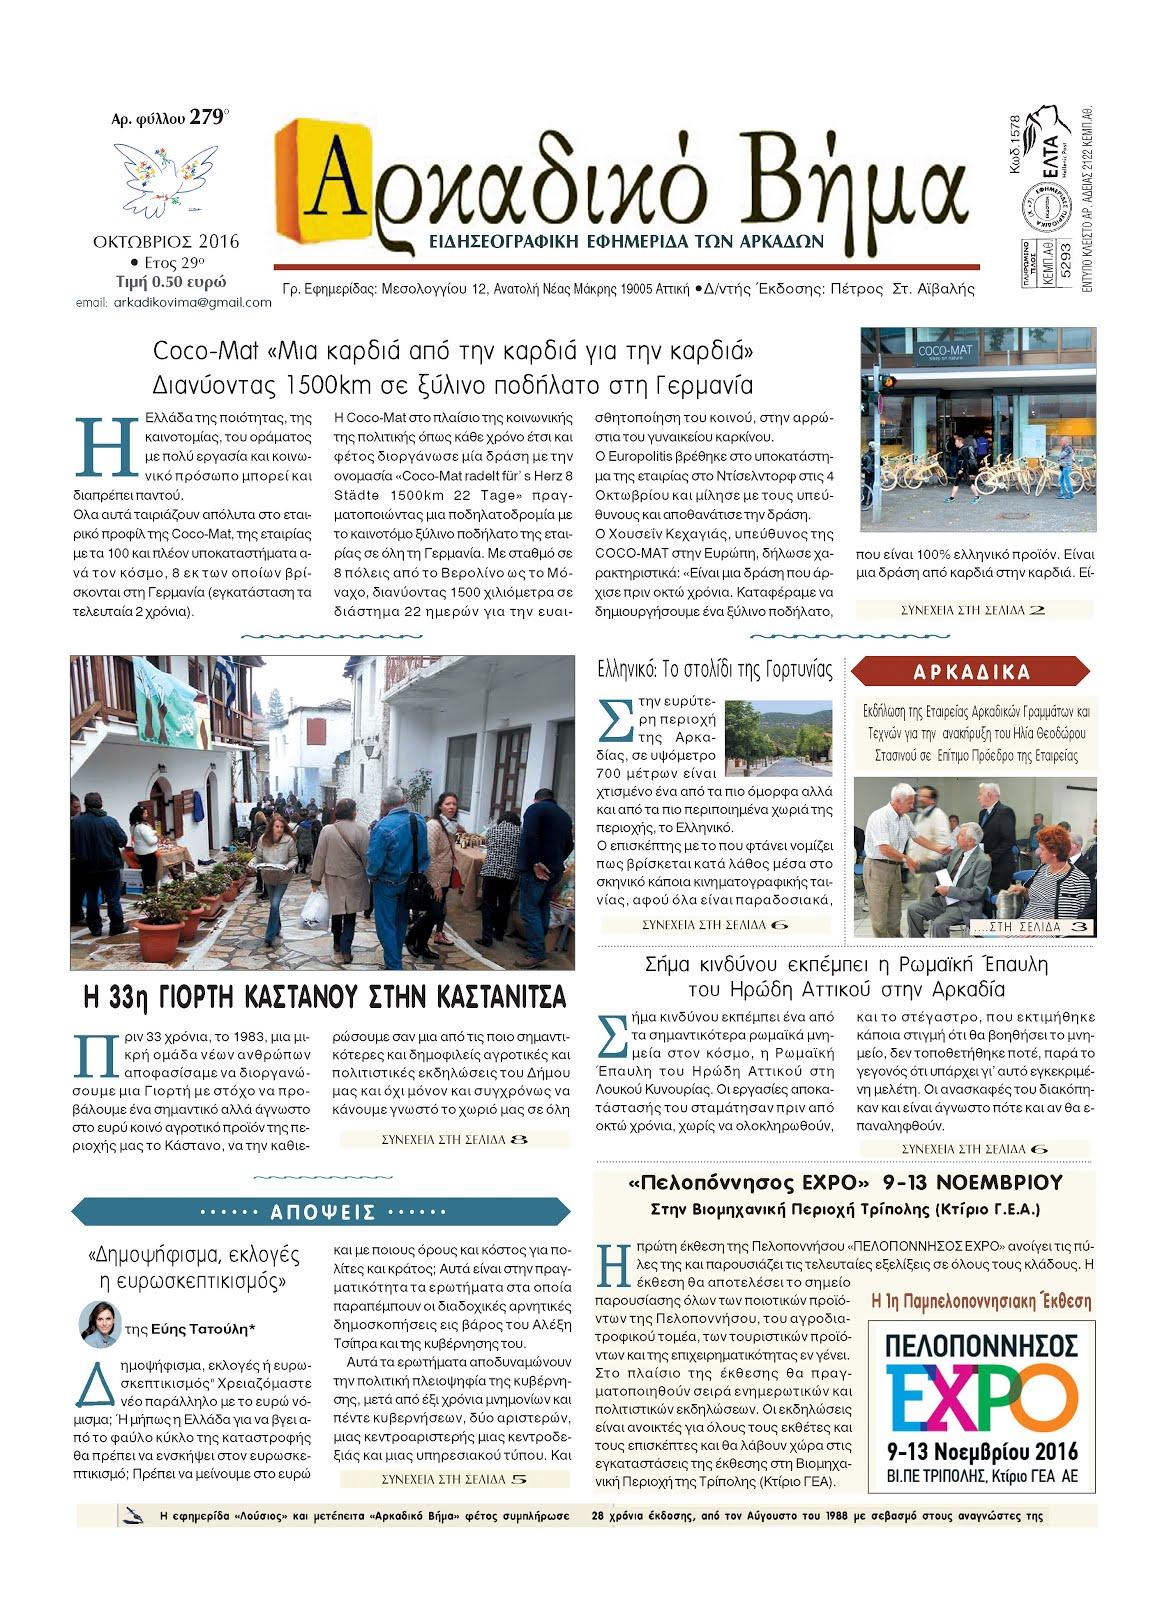 ΑΡΚΑΔΙΚΟ ΒΗΜΑ Κυκλοφόρησε με ειδήσεις και νέα